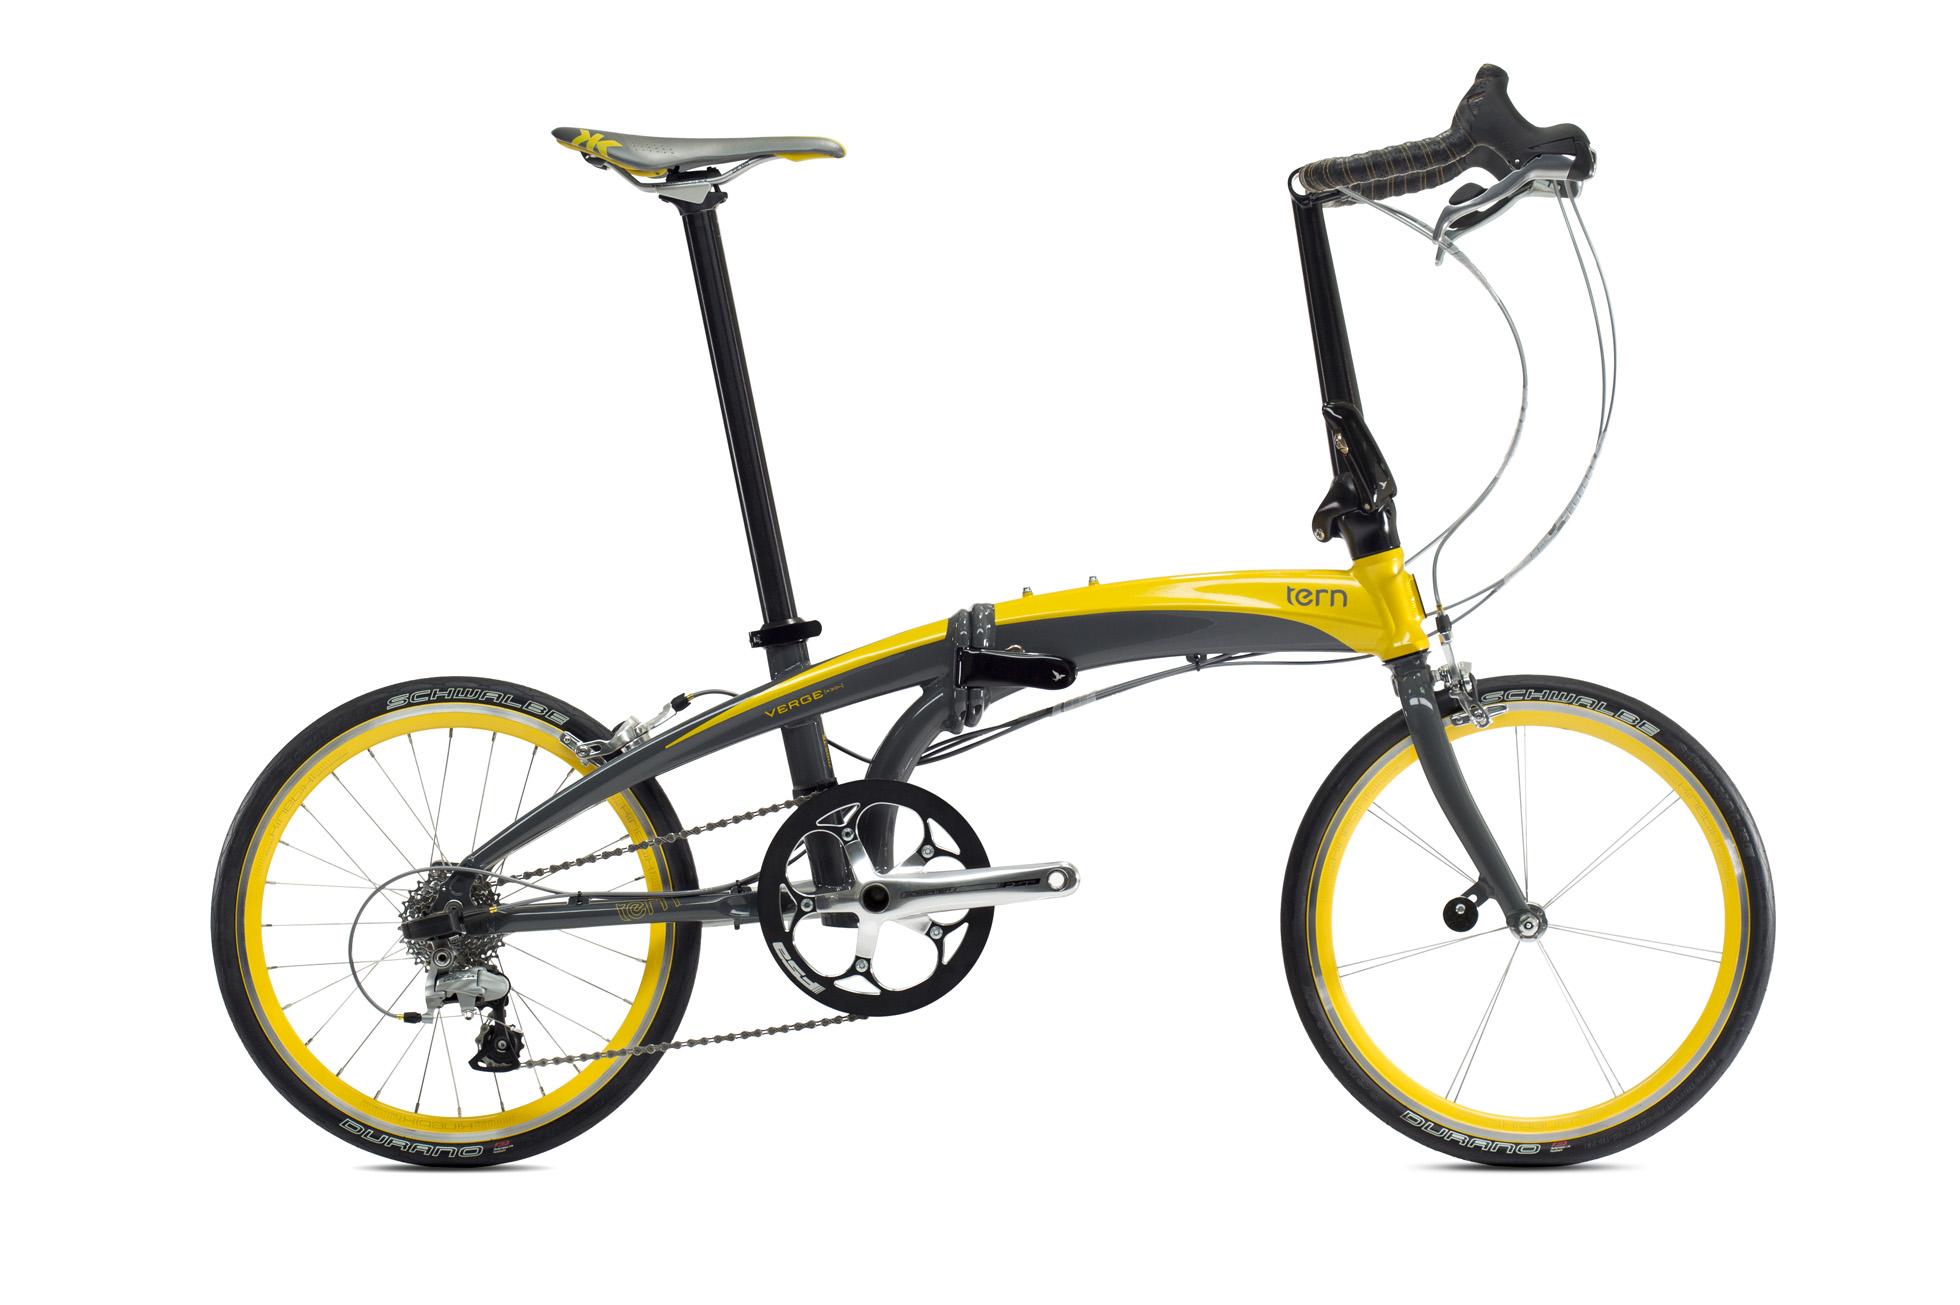 Bici Pieghevole Tern.Qual E La Tua Tern Armaroli Bike World La Bicicletta A